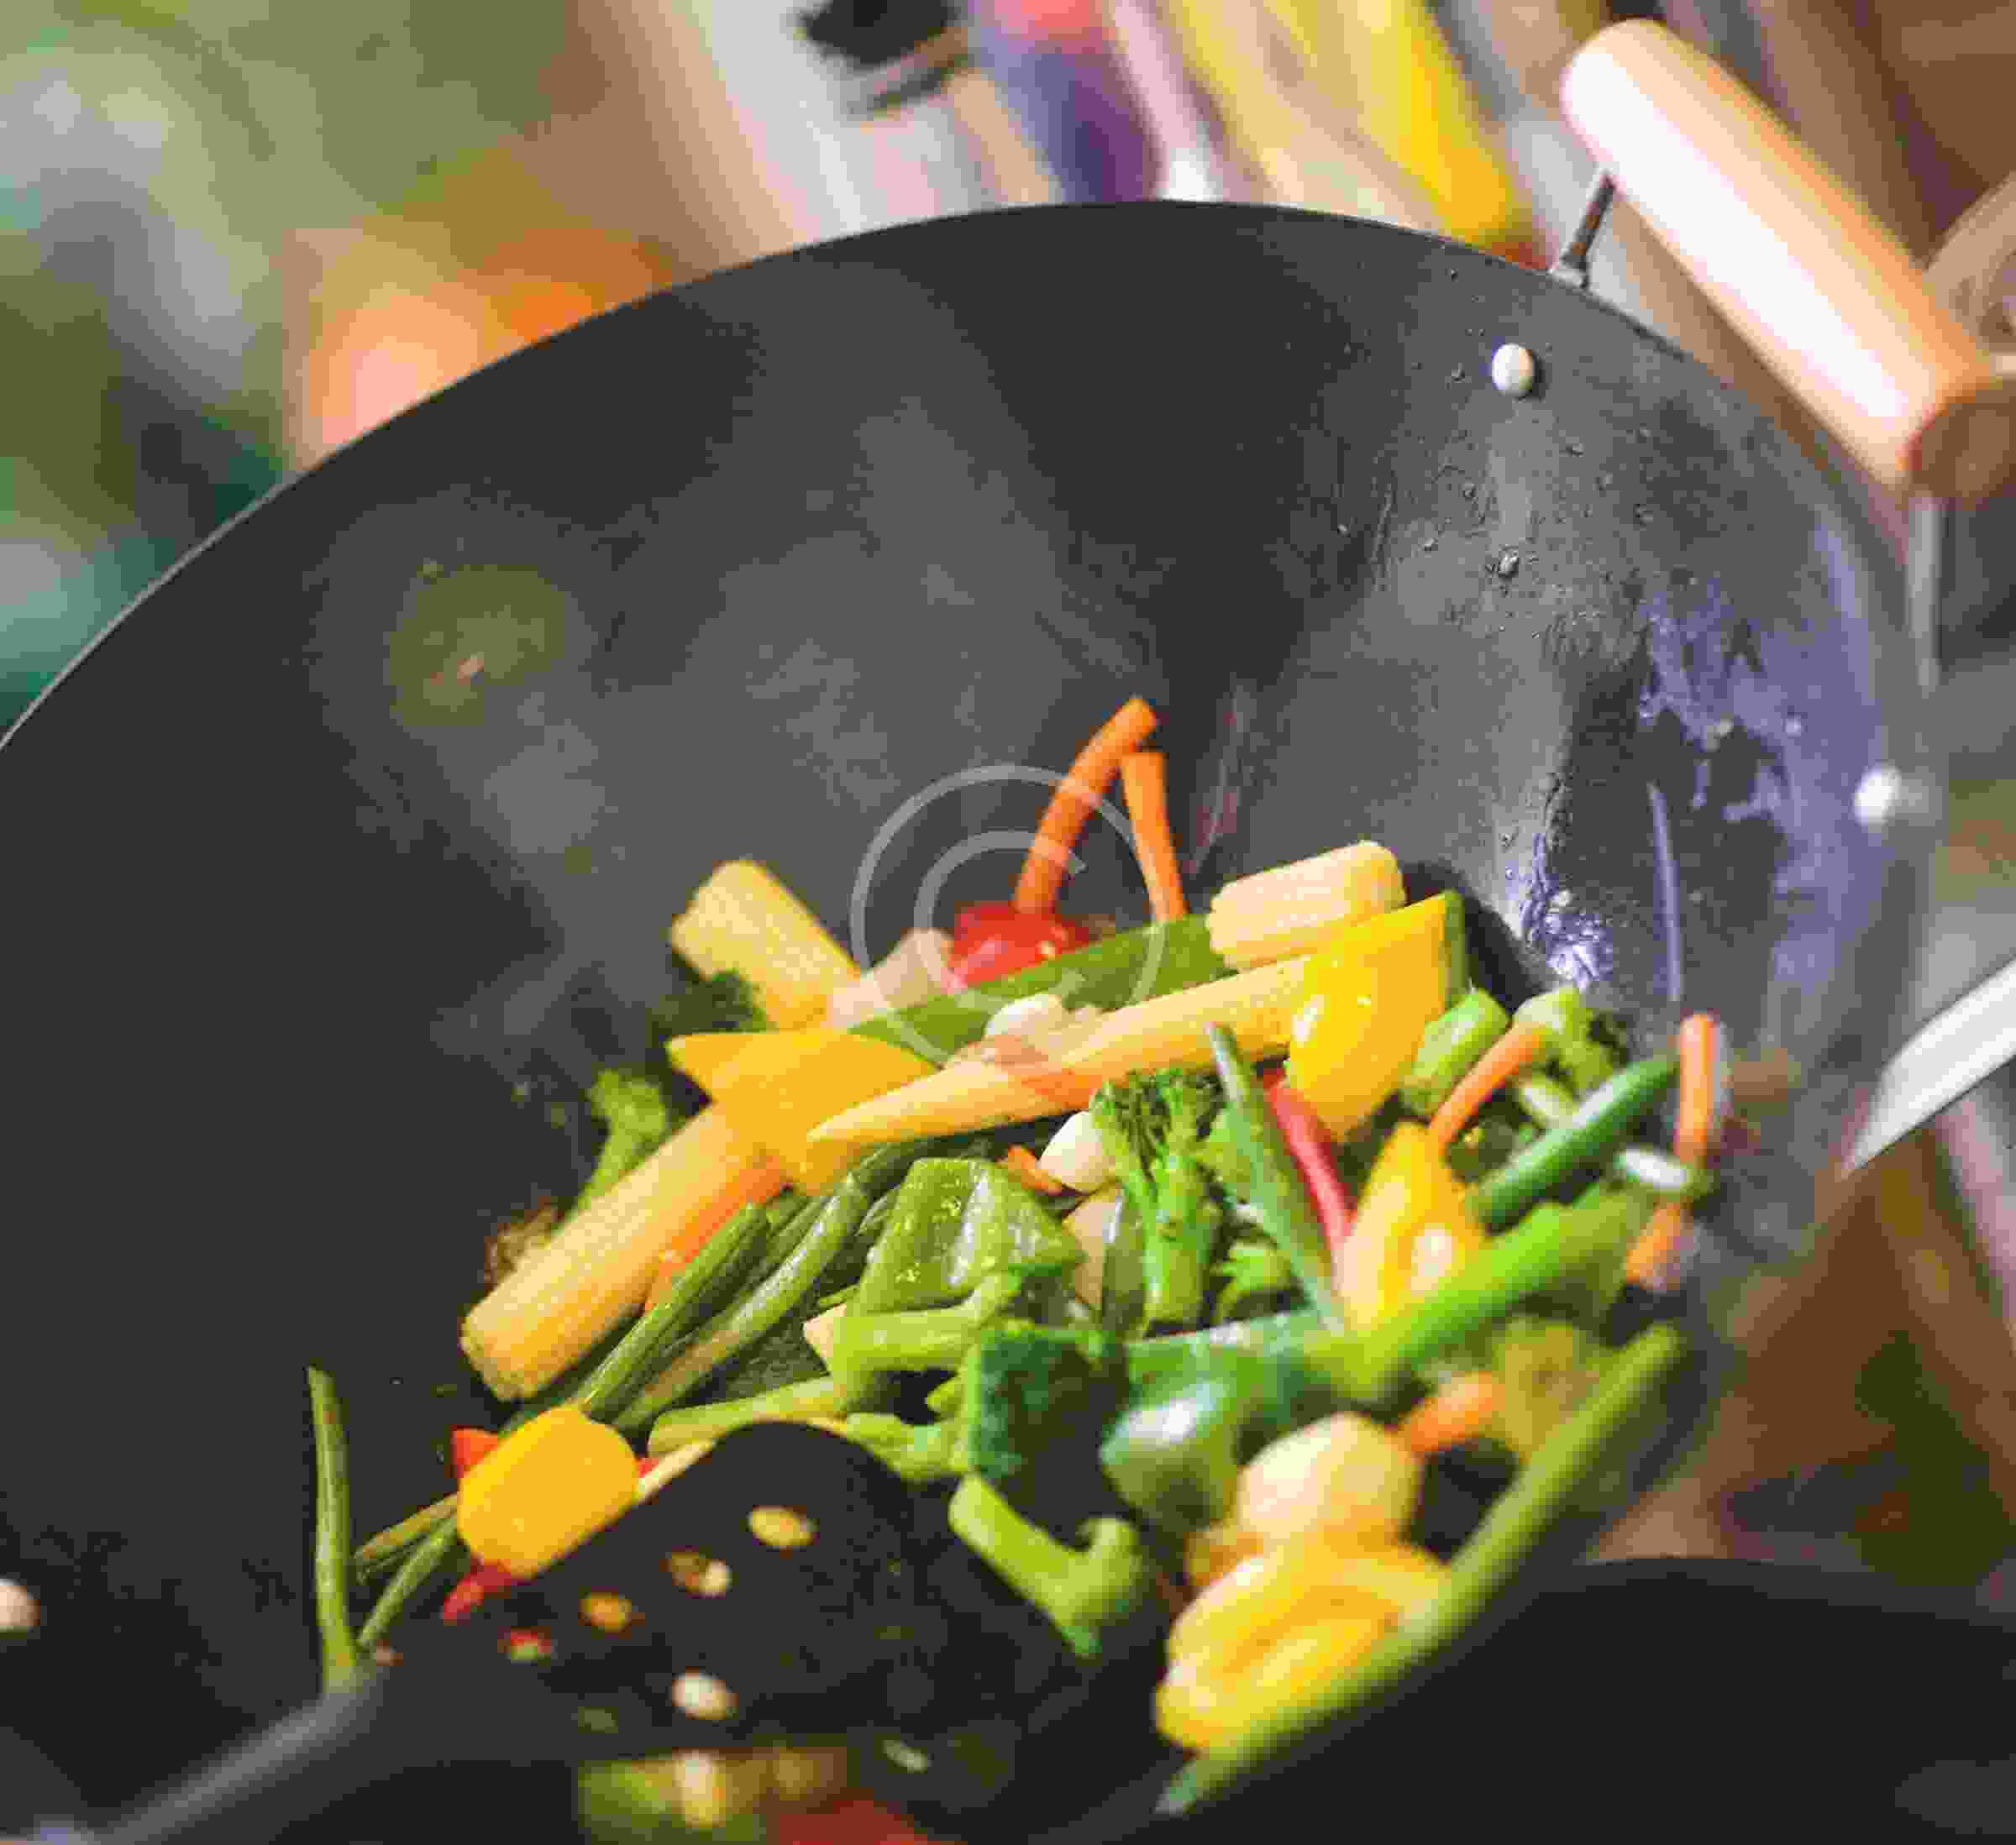 European Cuisine in Asian Wok